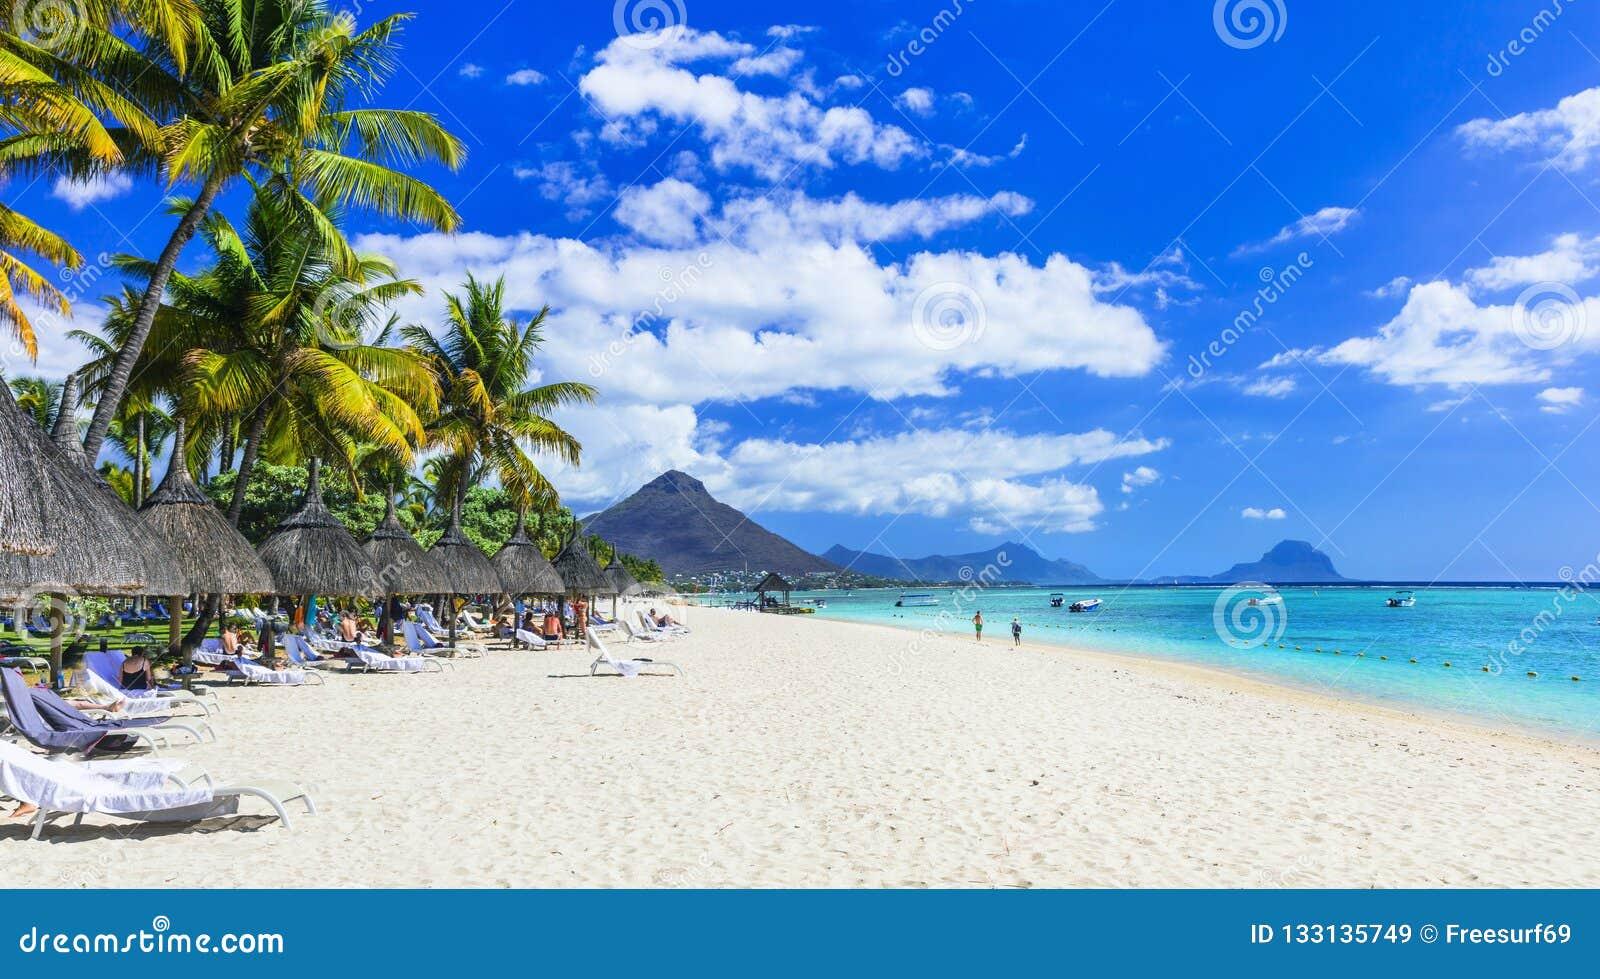 Best Tropical Beaches  Flic En Flac In Mauritius Island